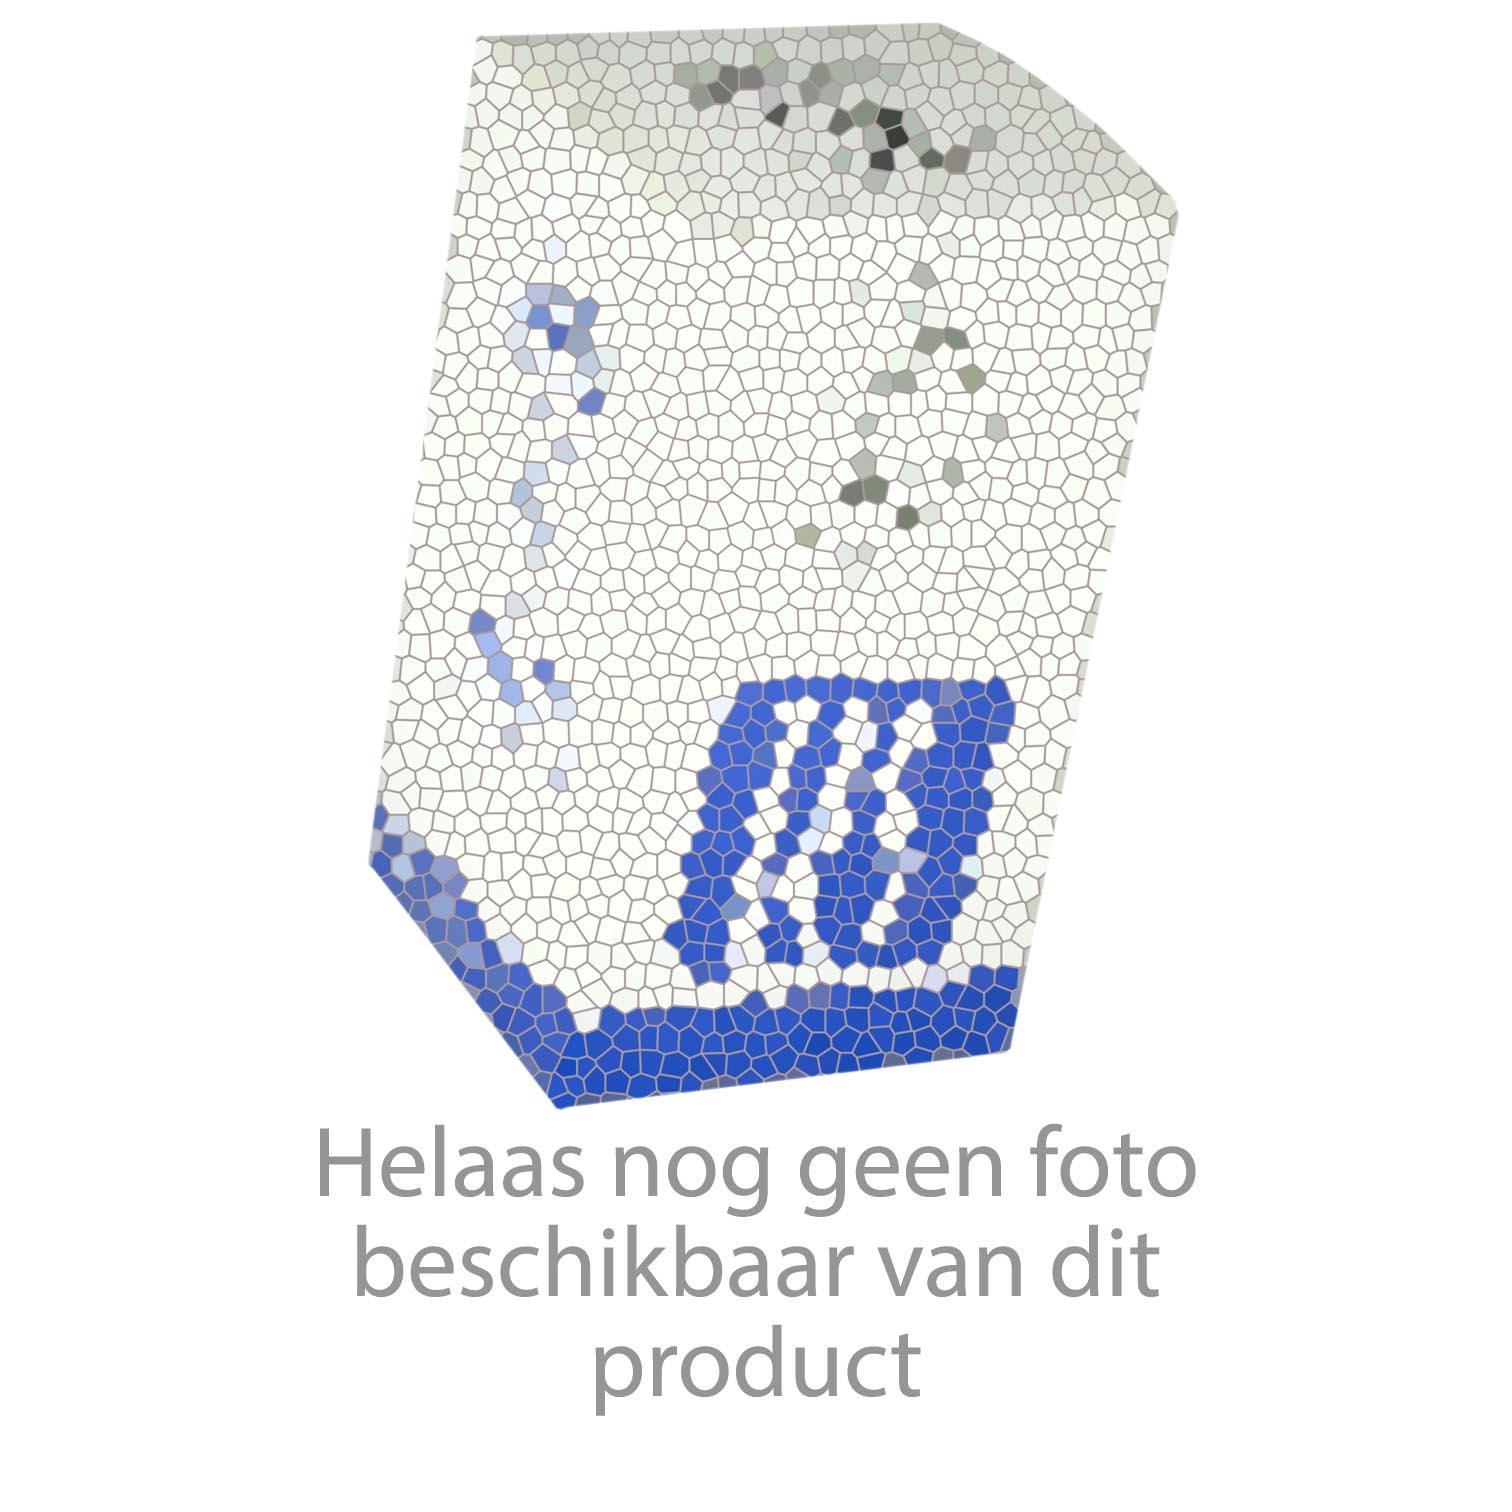 HansGrohe Afvoer- en overloopgarnituren Starolift '52 productiejaar > 04/95 60052180 onderdelen